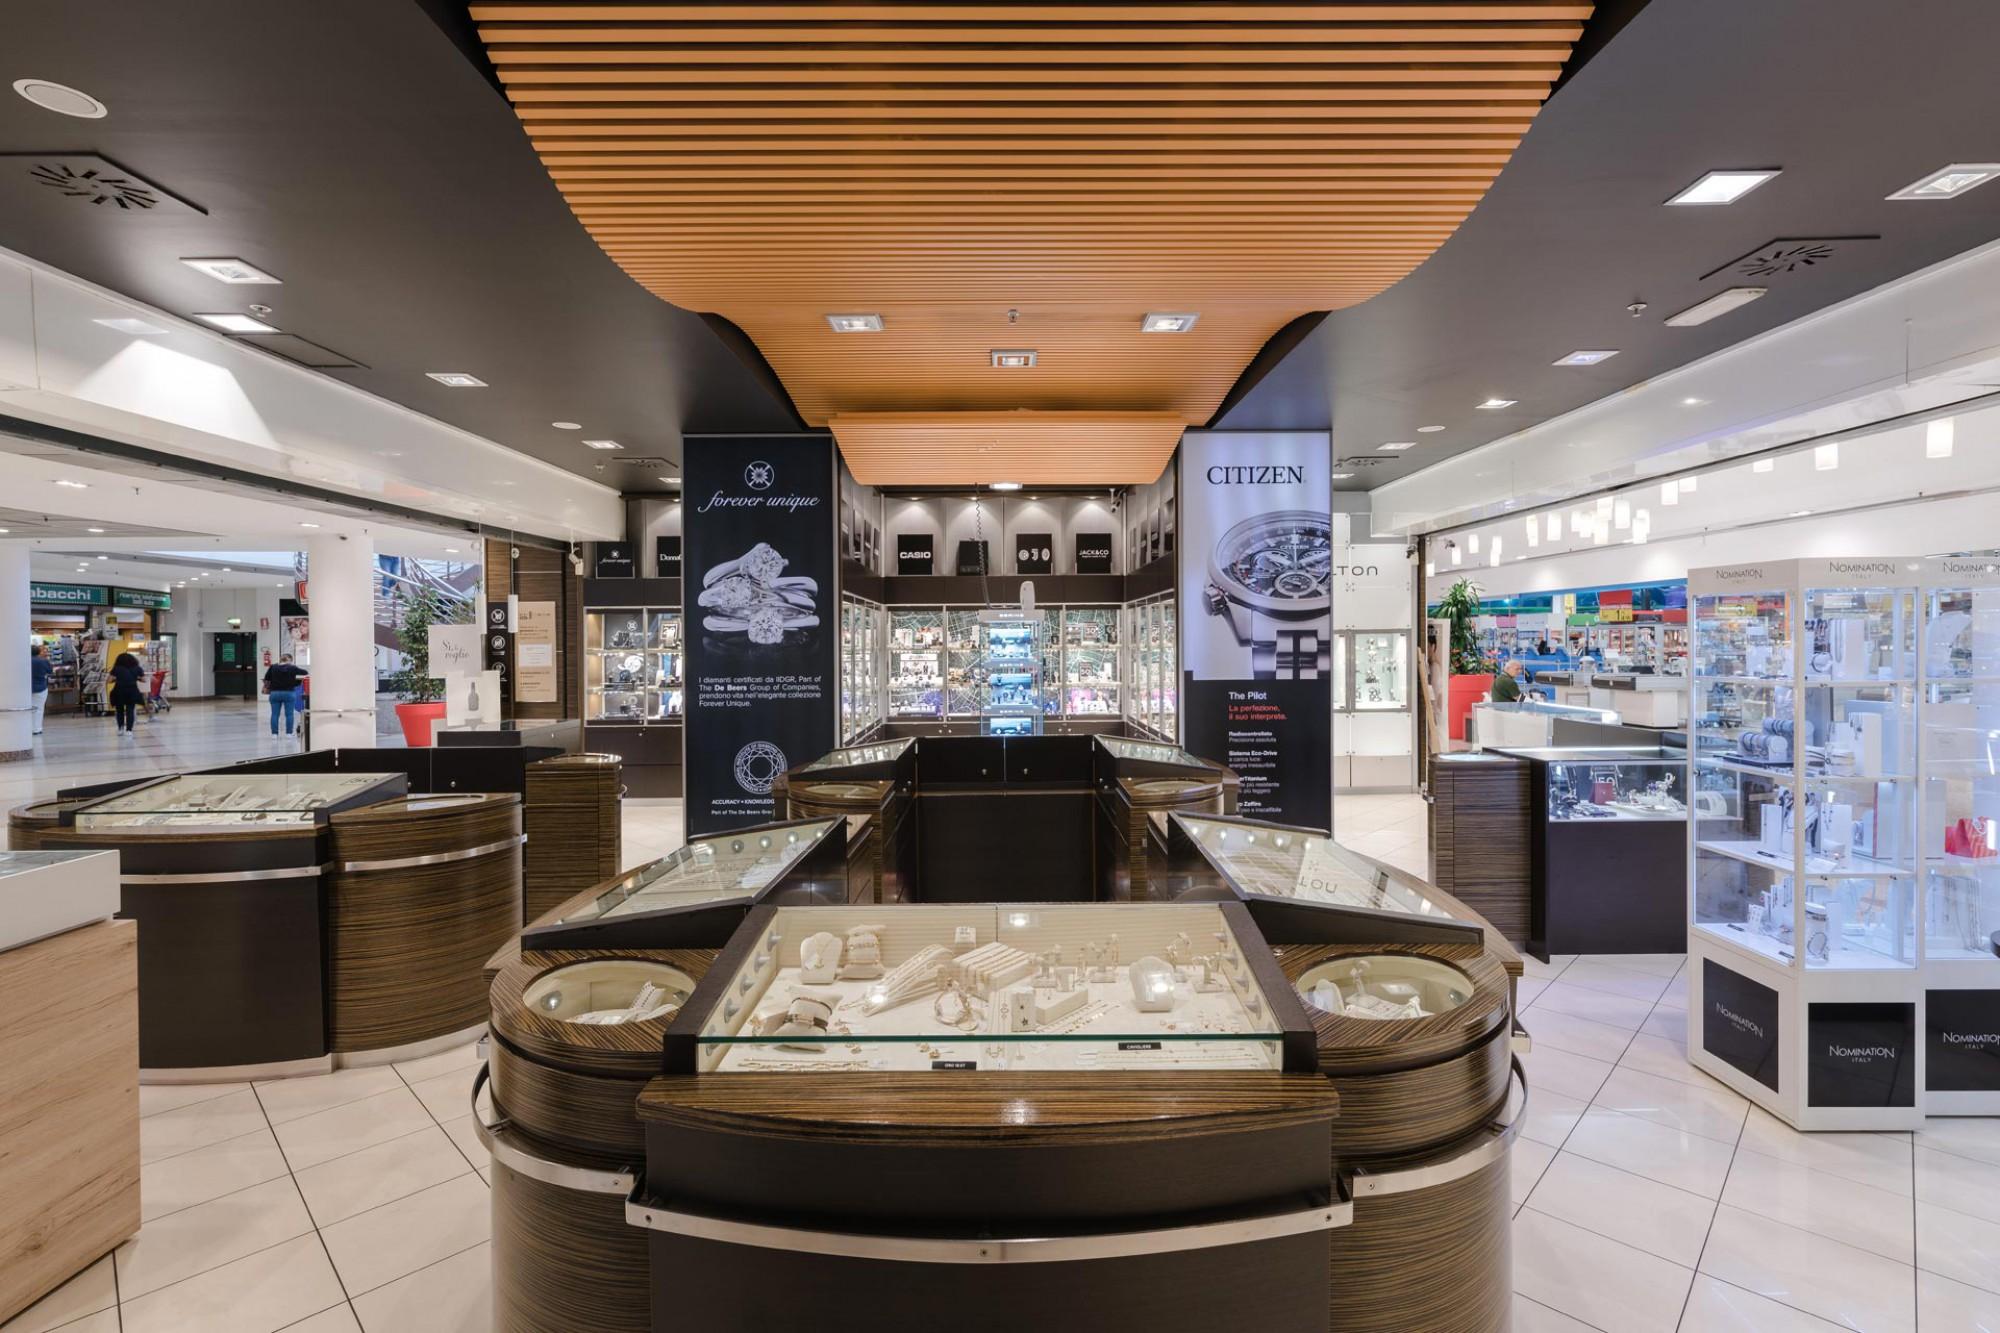 gioielleria paderno dugnano eurobijoux centro commerciale brianza